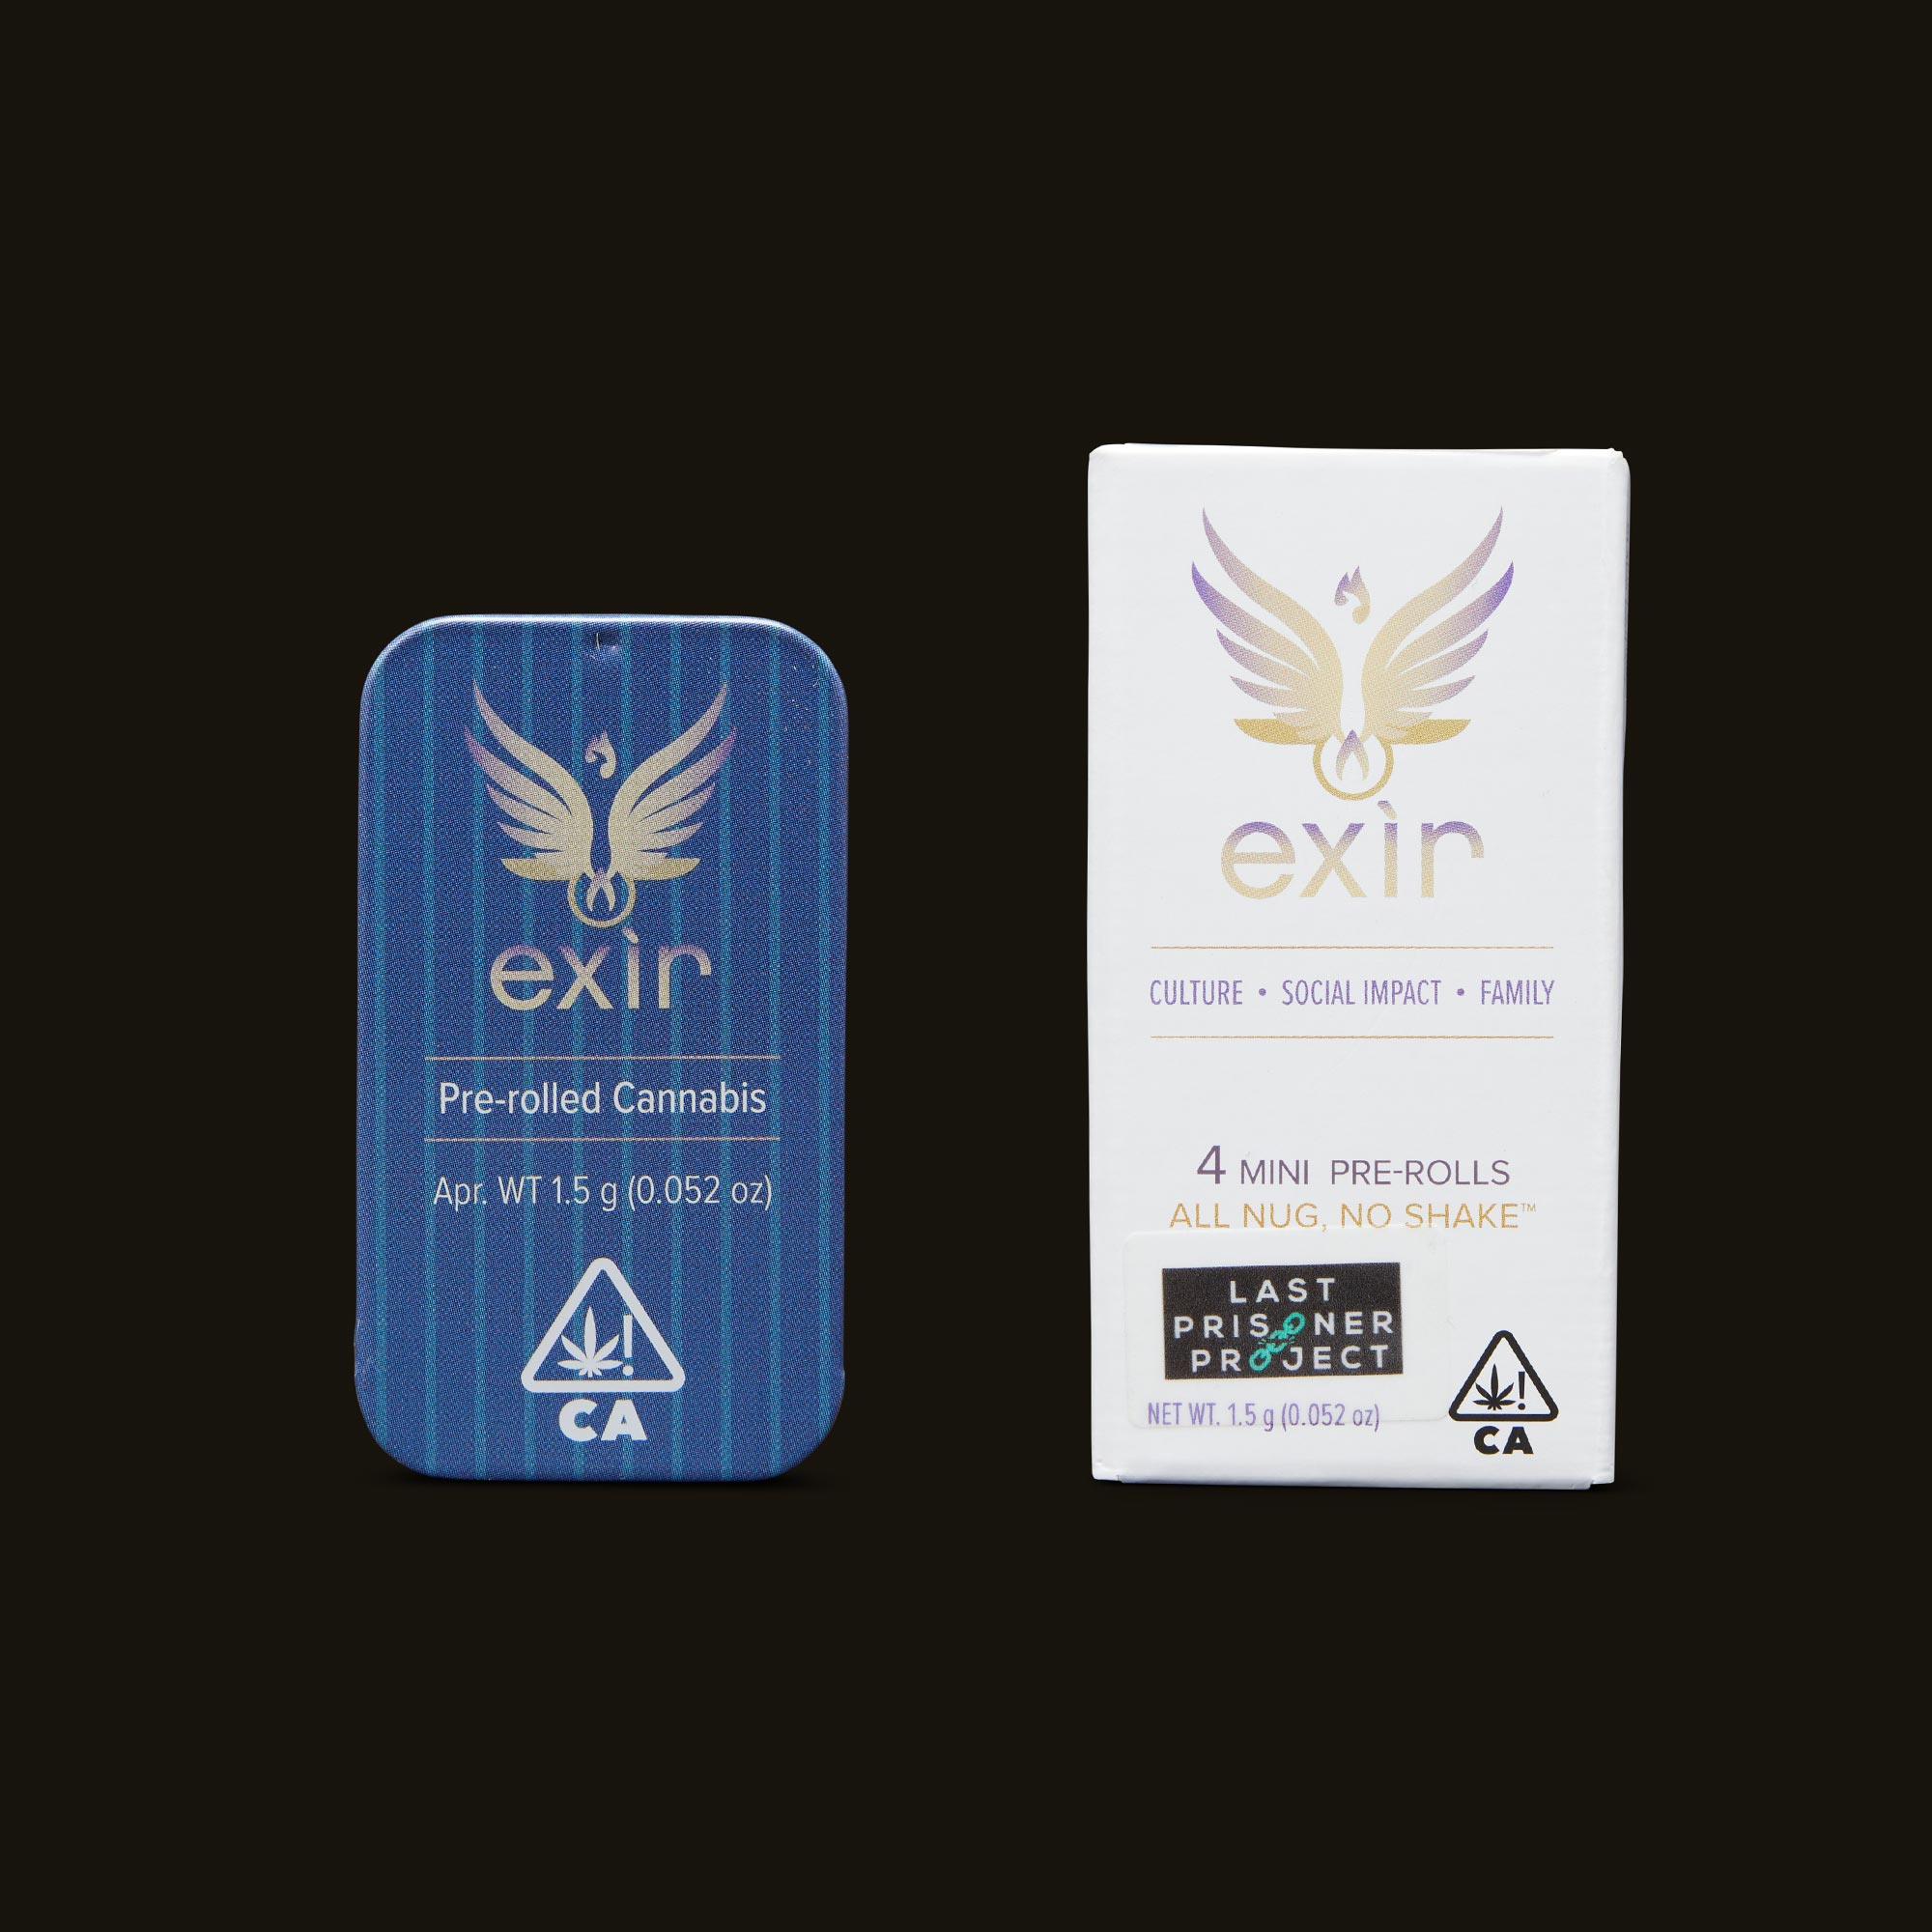 Exir Venom OG Mini Pre-Rolls Inner Packaging and Packaging